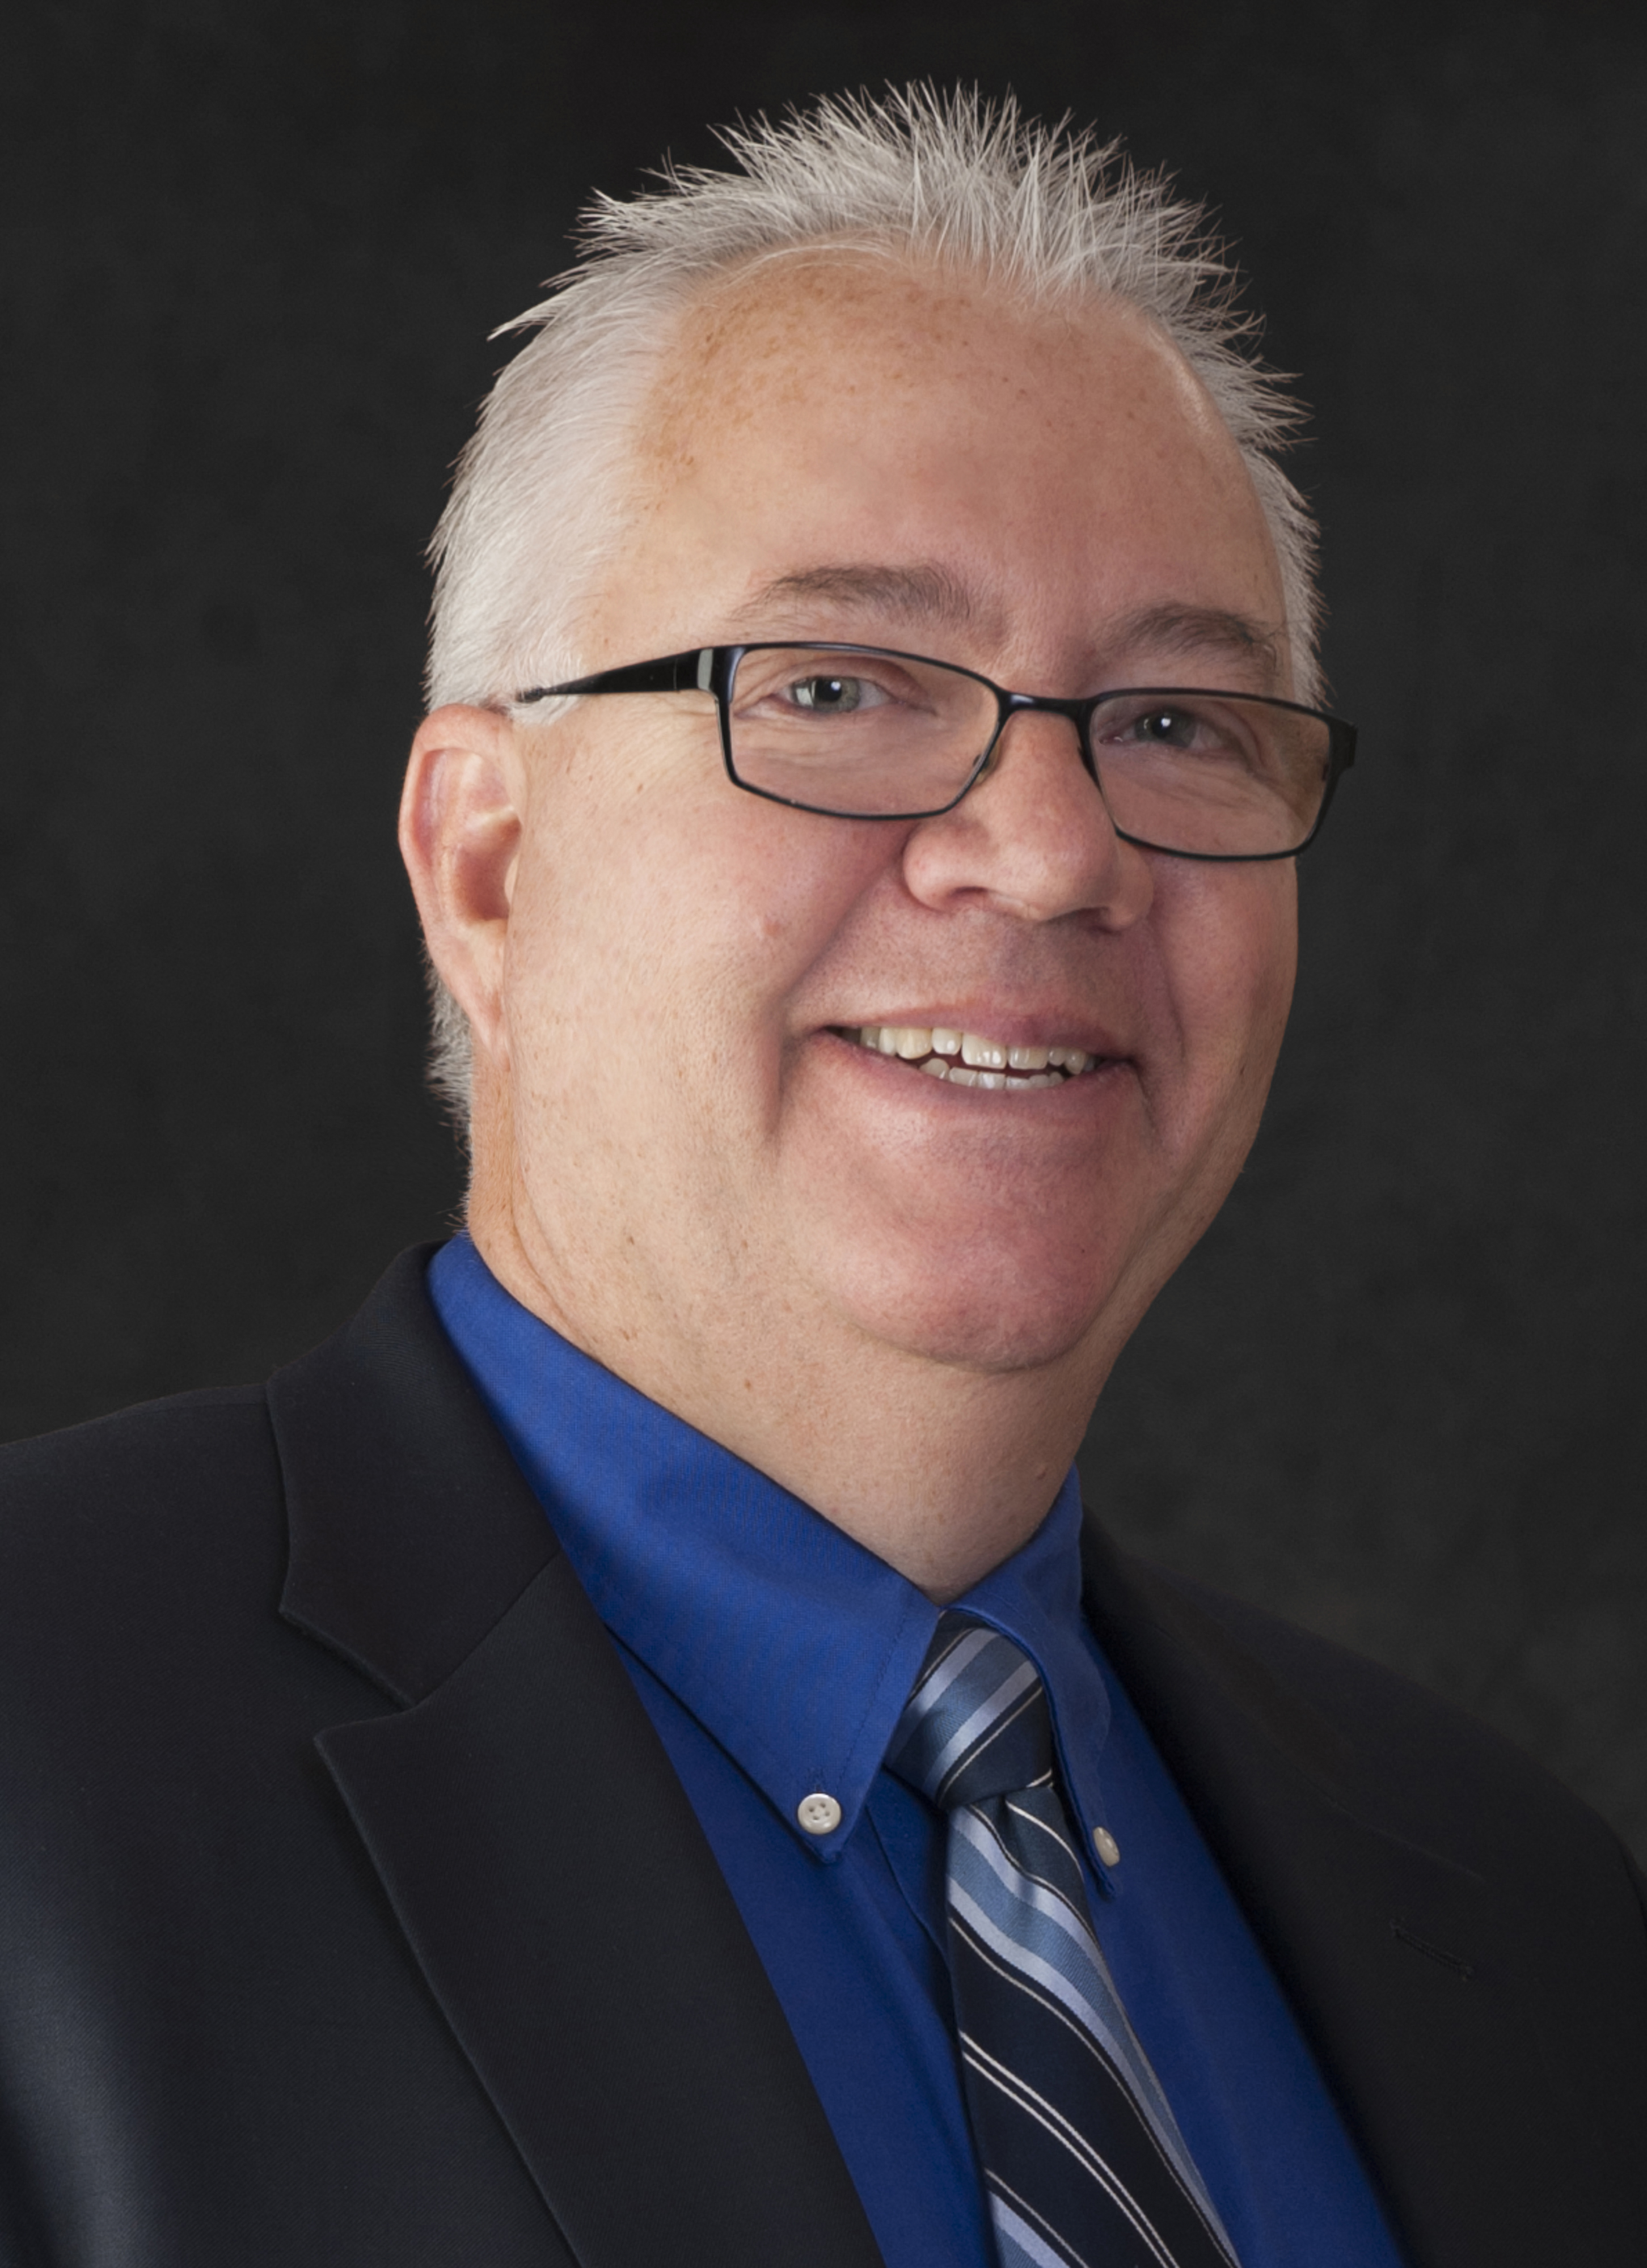 Doug Marshall